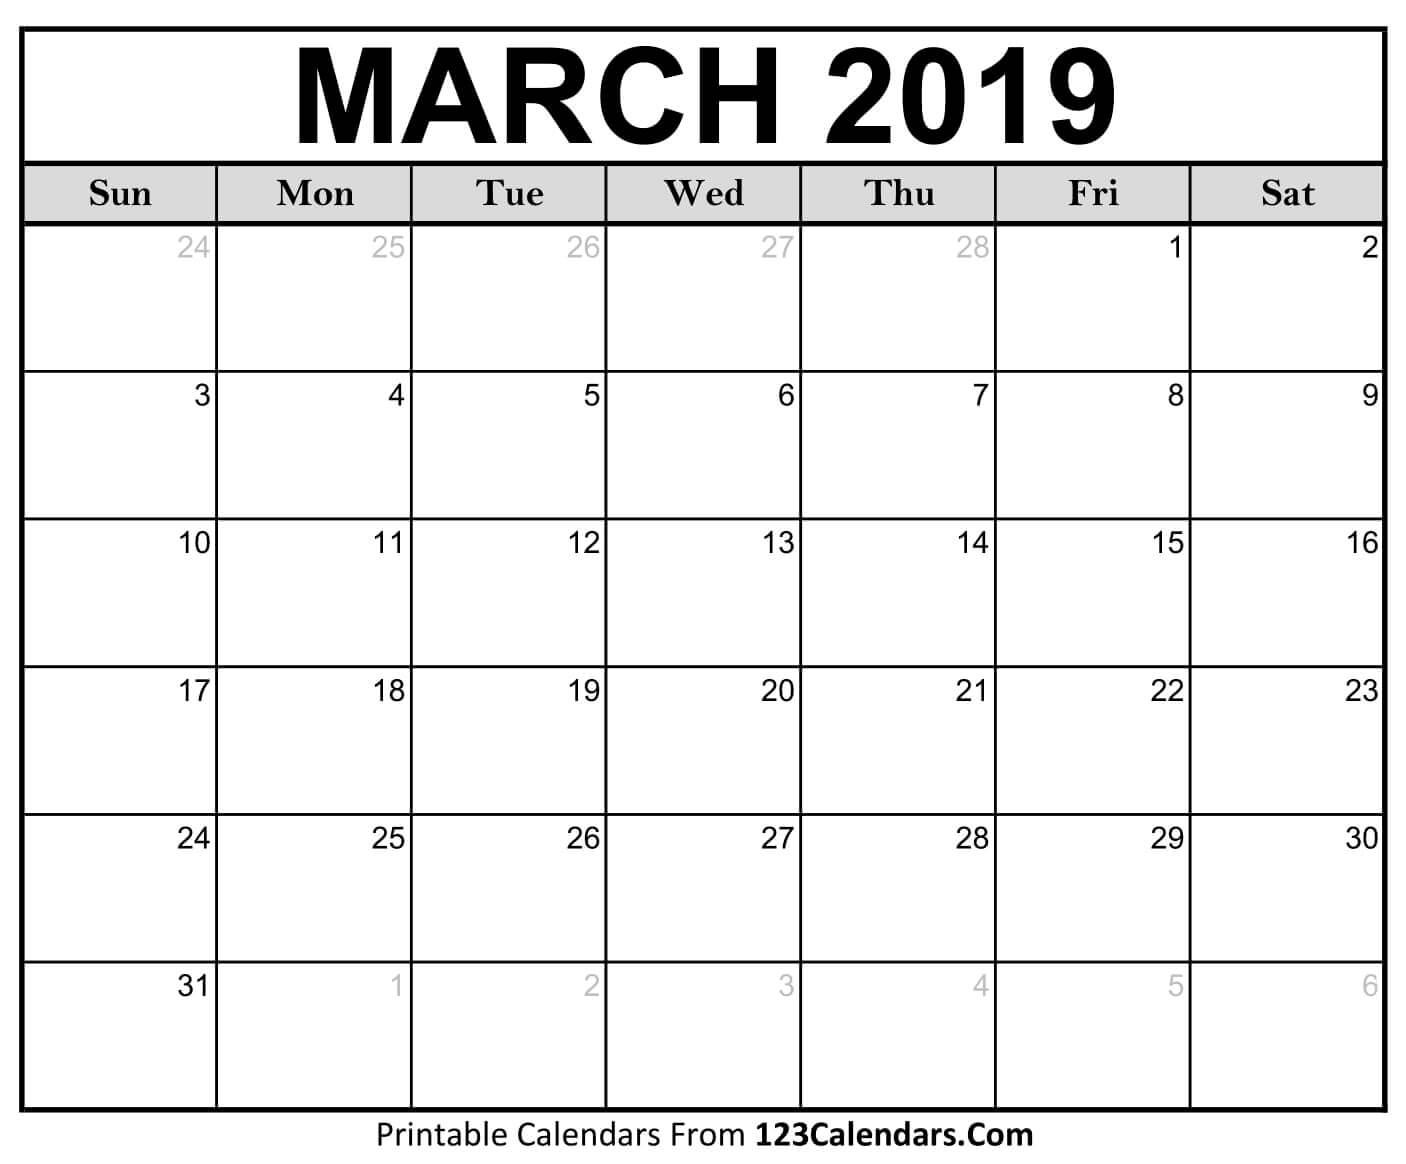 Printable March 2019 Calendar Templates 123calendars